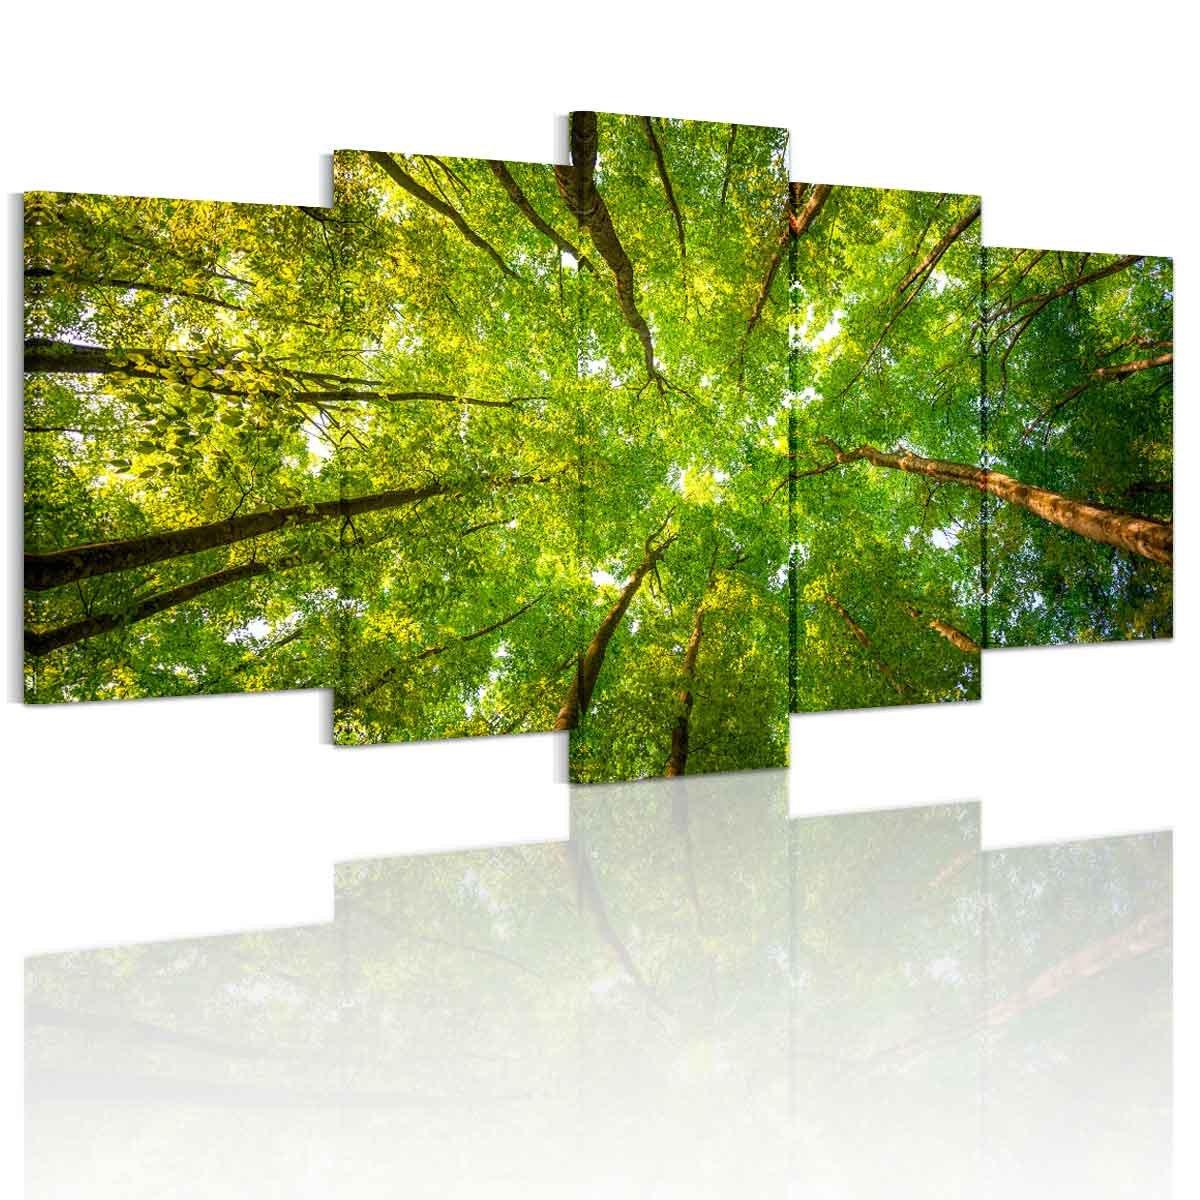 【金運上昇】アートパネル 緑の森 希望の光 絵画 壁飾りインテリアアート 壁アート キャンバス絵画 壁掛け 完成品 5枚セット すぐ飾る! B06WGR9ZV7